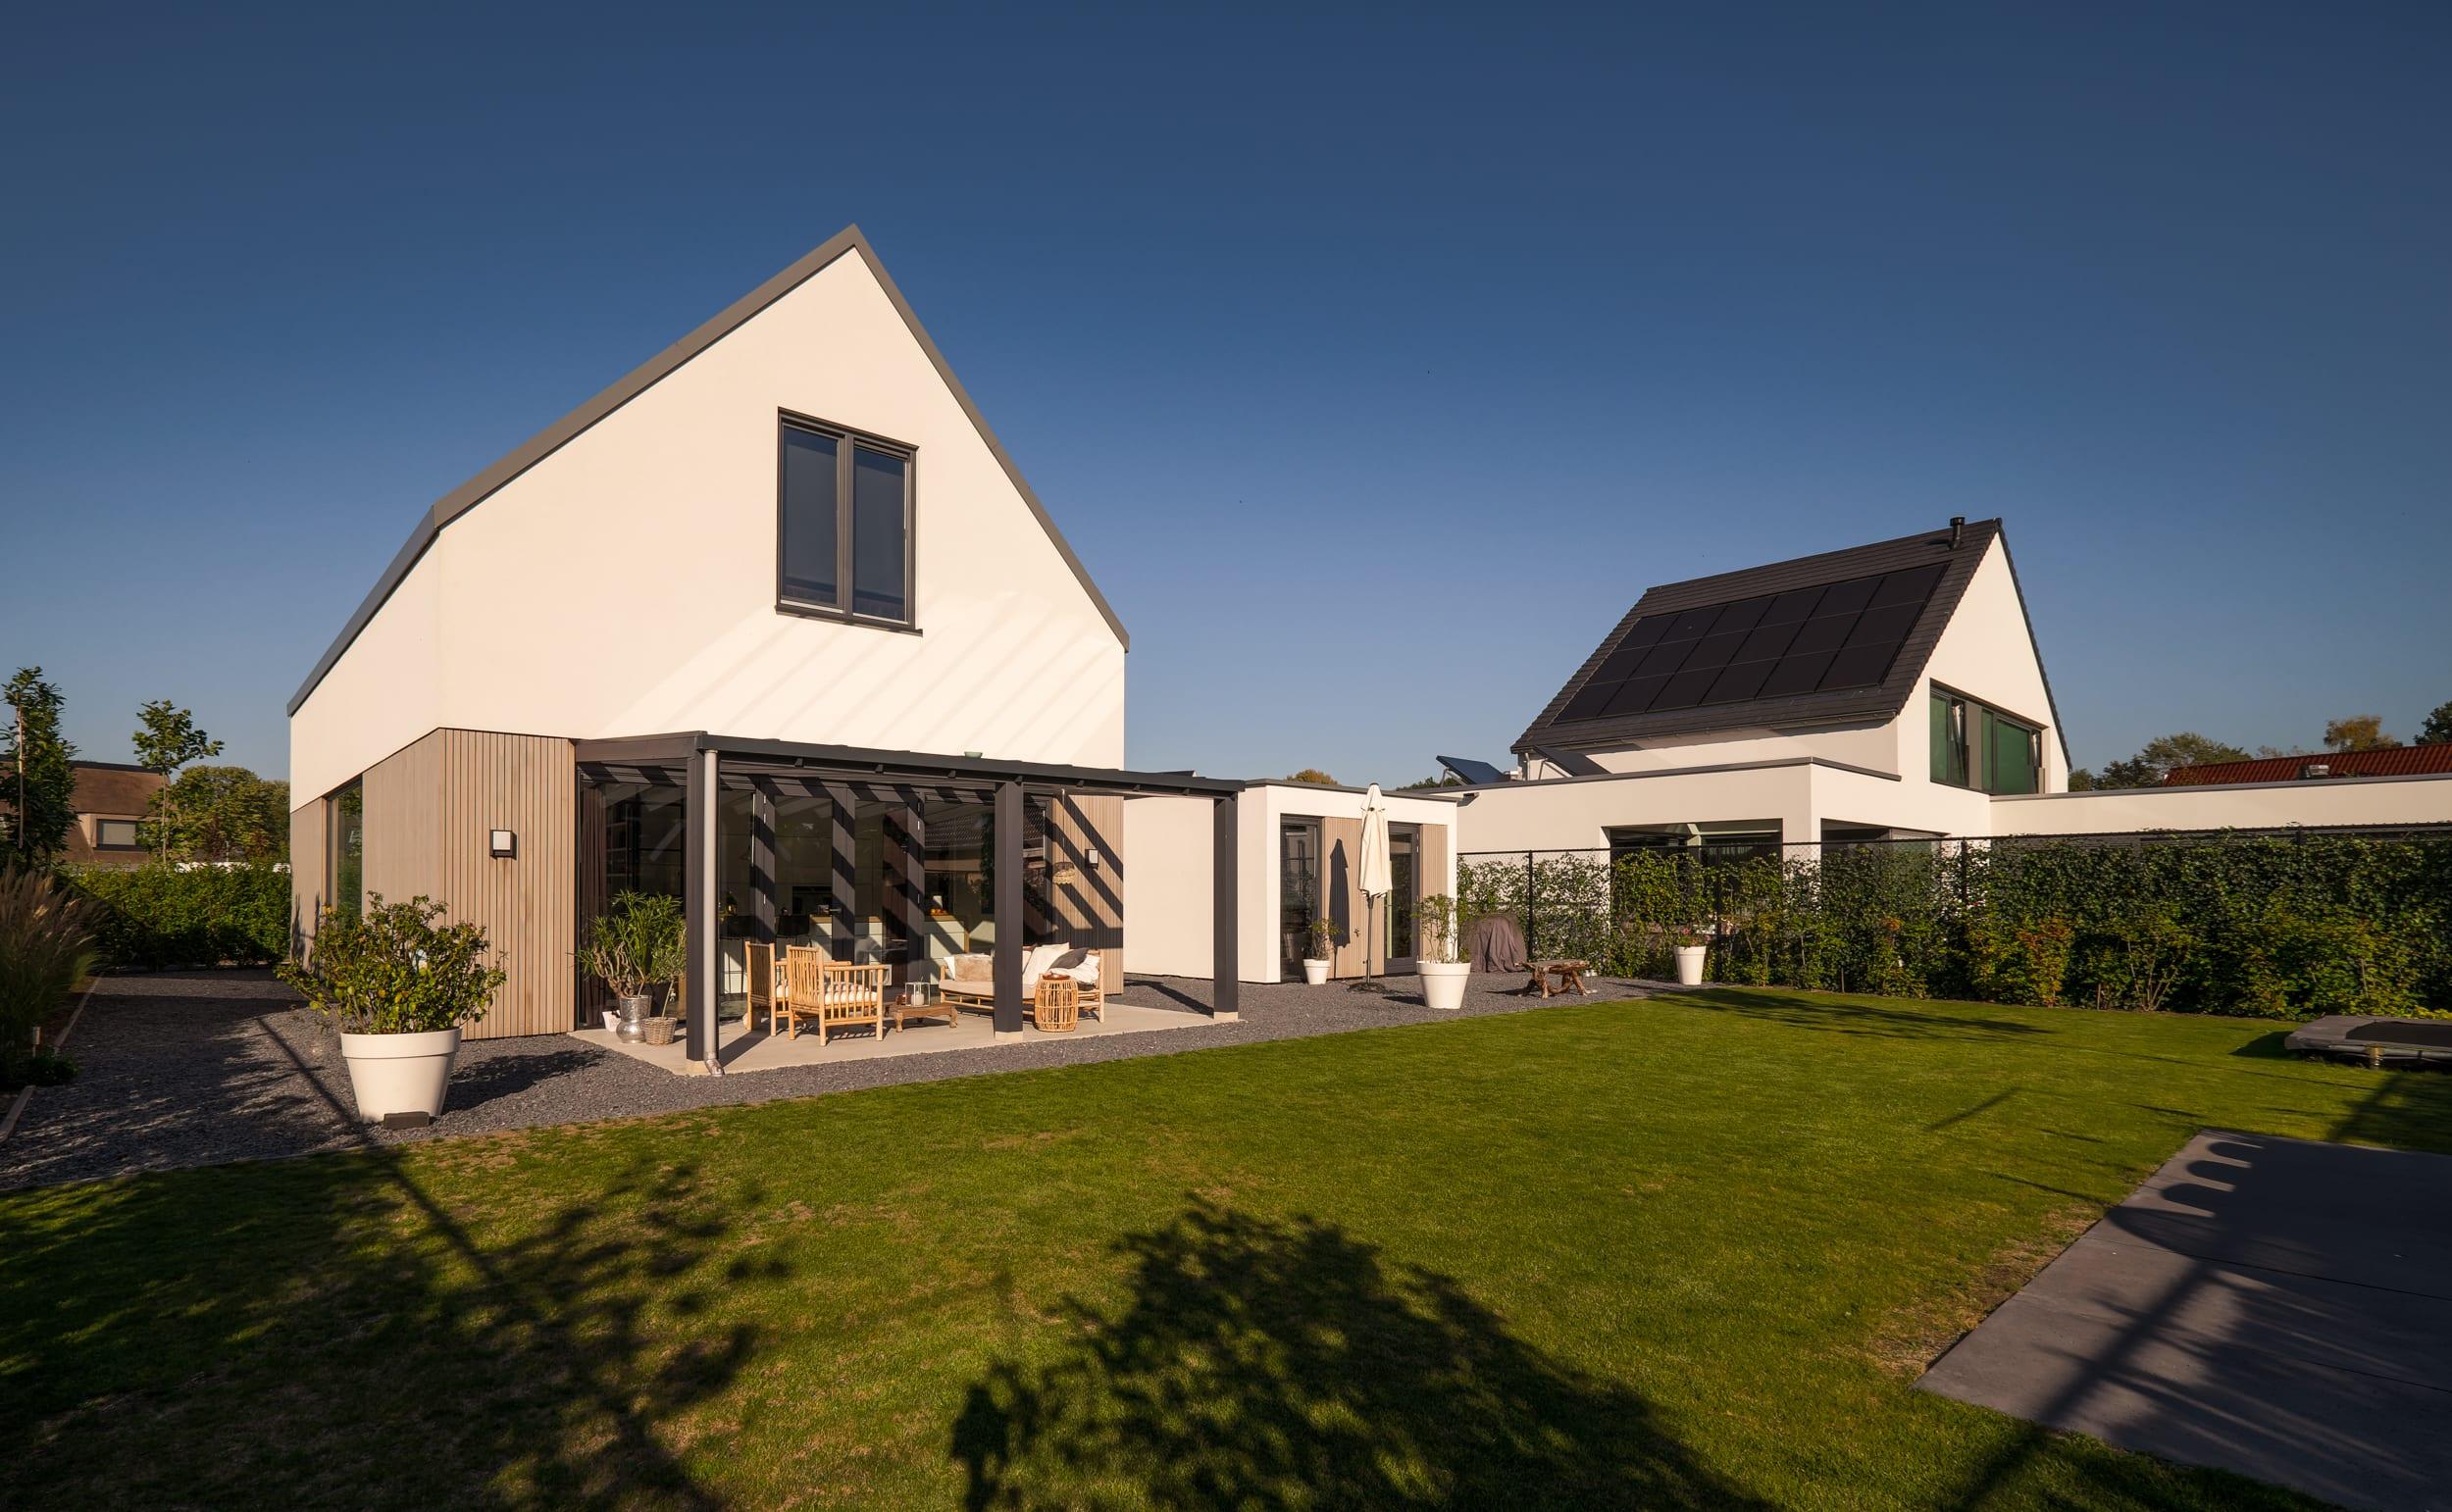 van-os-architecten-nieuwbouw-woning-Hoge-Gouw-Teteringen-achtergevel-met-brede-tuin-en-veranda